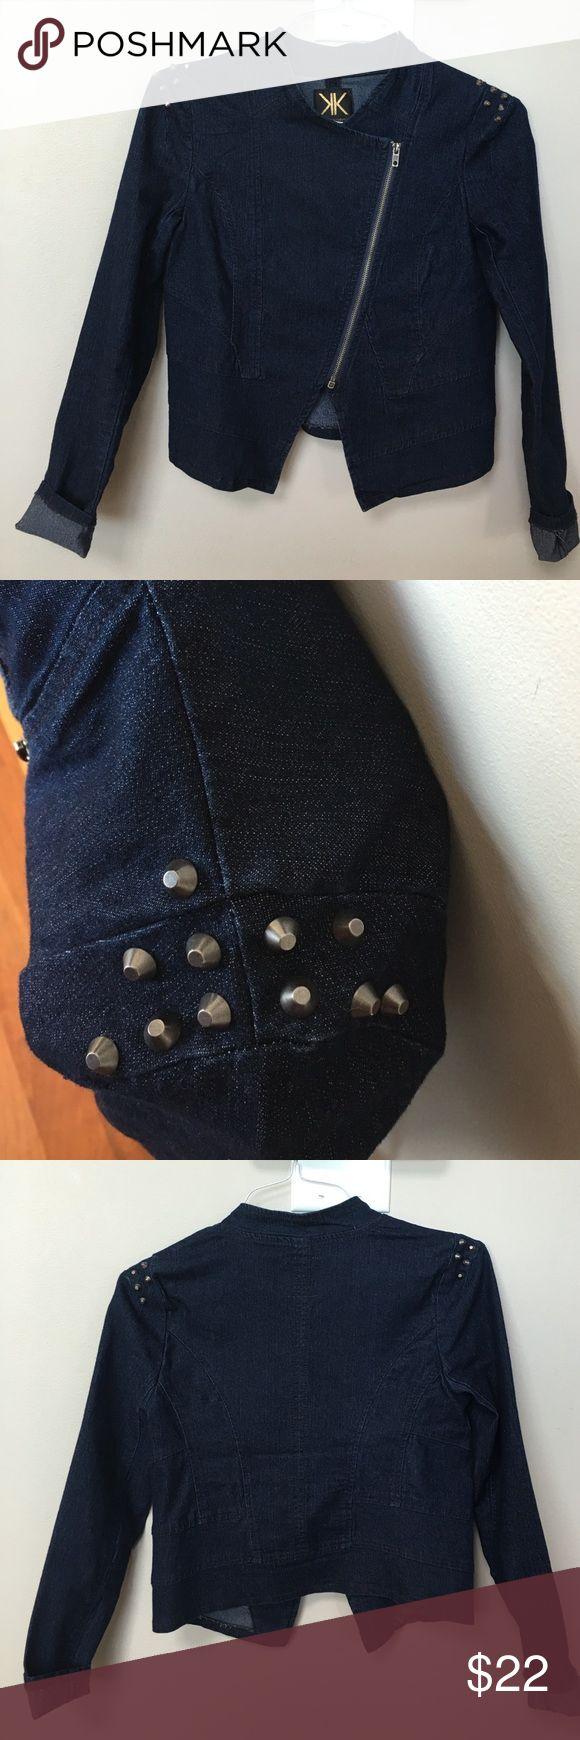 Kardashians Kollection Jean jacket Kardashians Kollection jean jacket- NWOT- never worn, studs on shoulder, zipper front,stretch, size small. Kardashian Kollection Jackets & Coats Jean Jackets